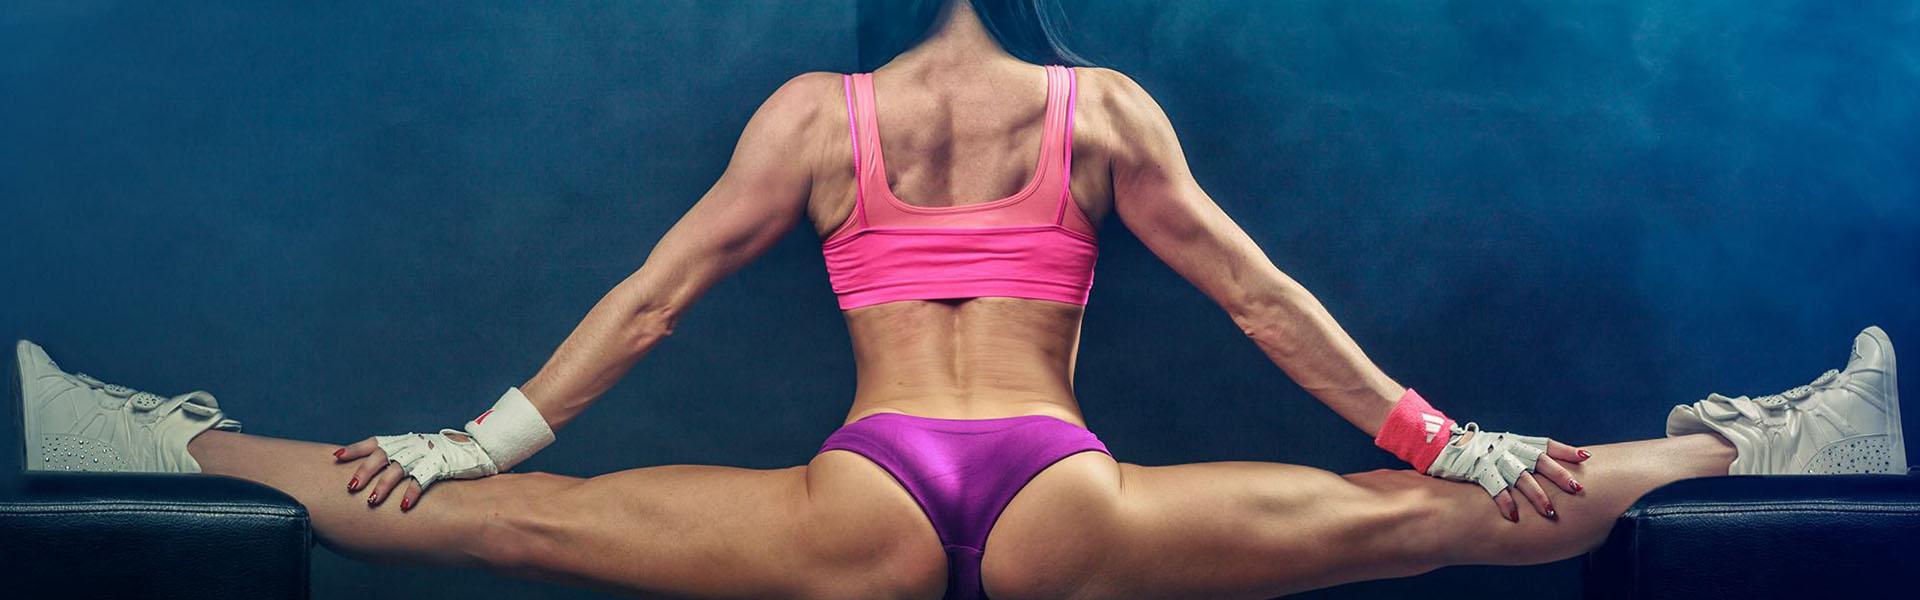 как убрать жир ляшек упражнения за неделю